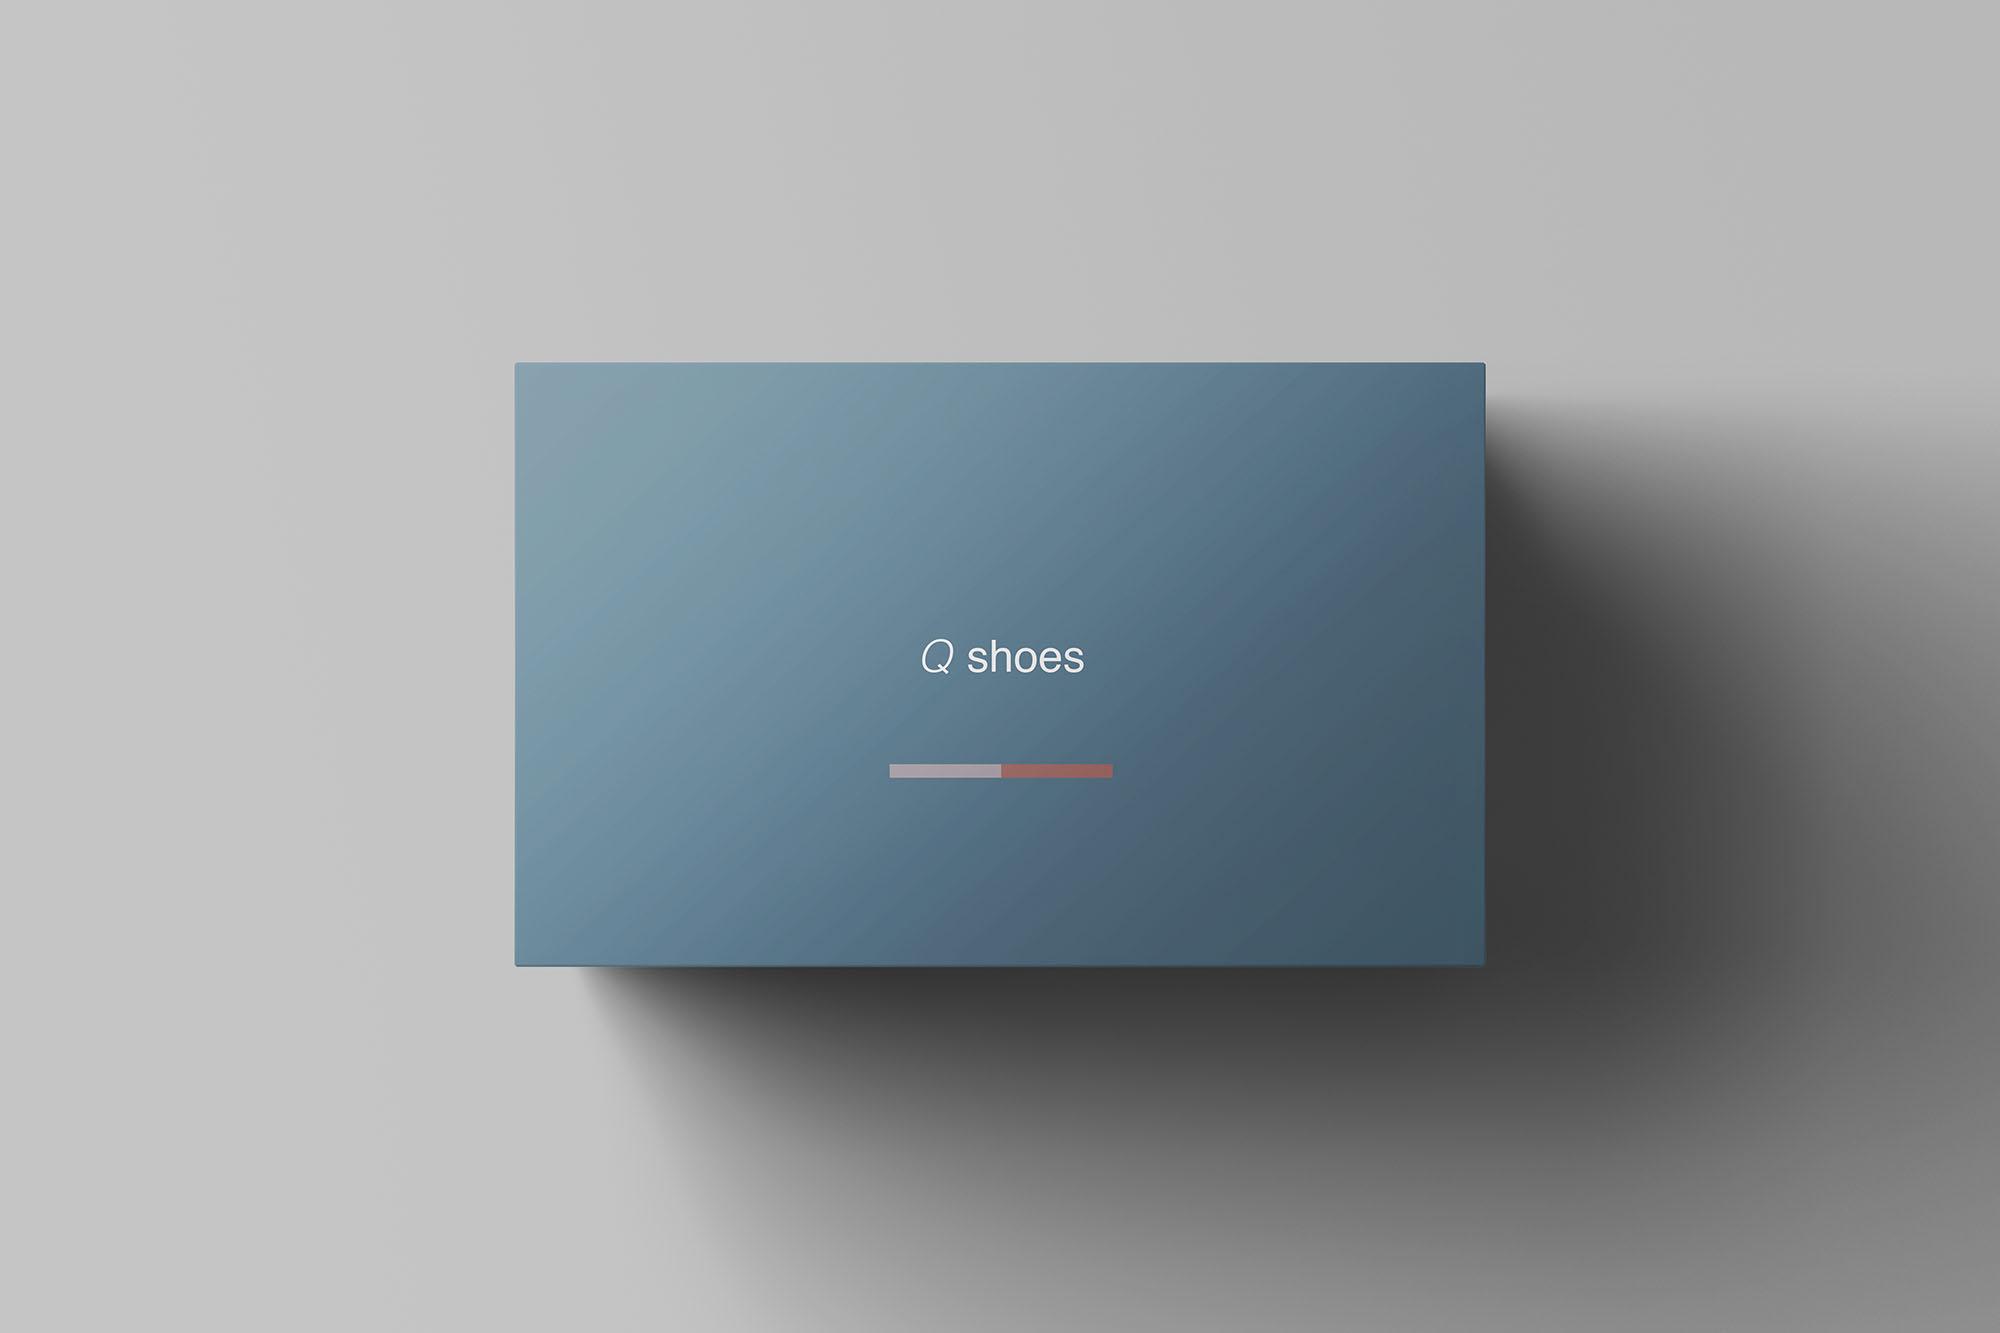 7个高品质纸质鞋盒外观设计预览图样机模板 Shoe Box Mockup插图(2)